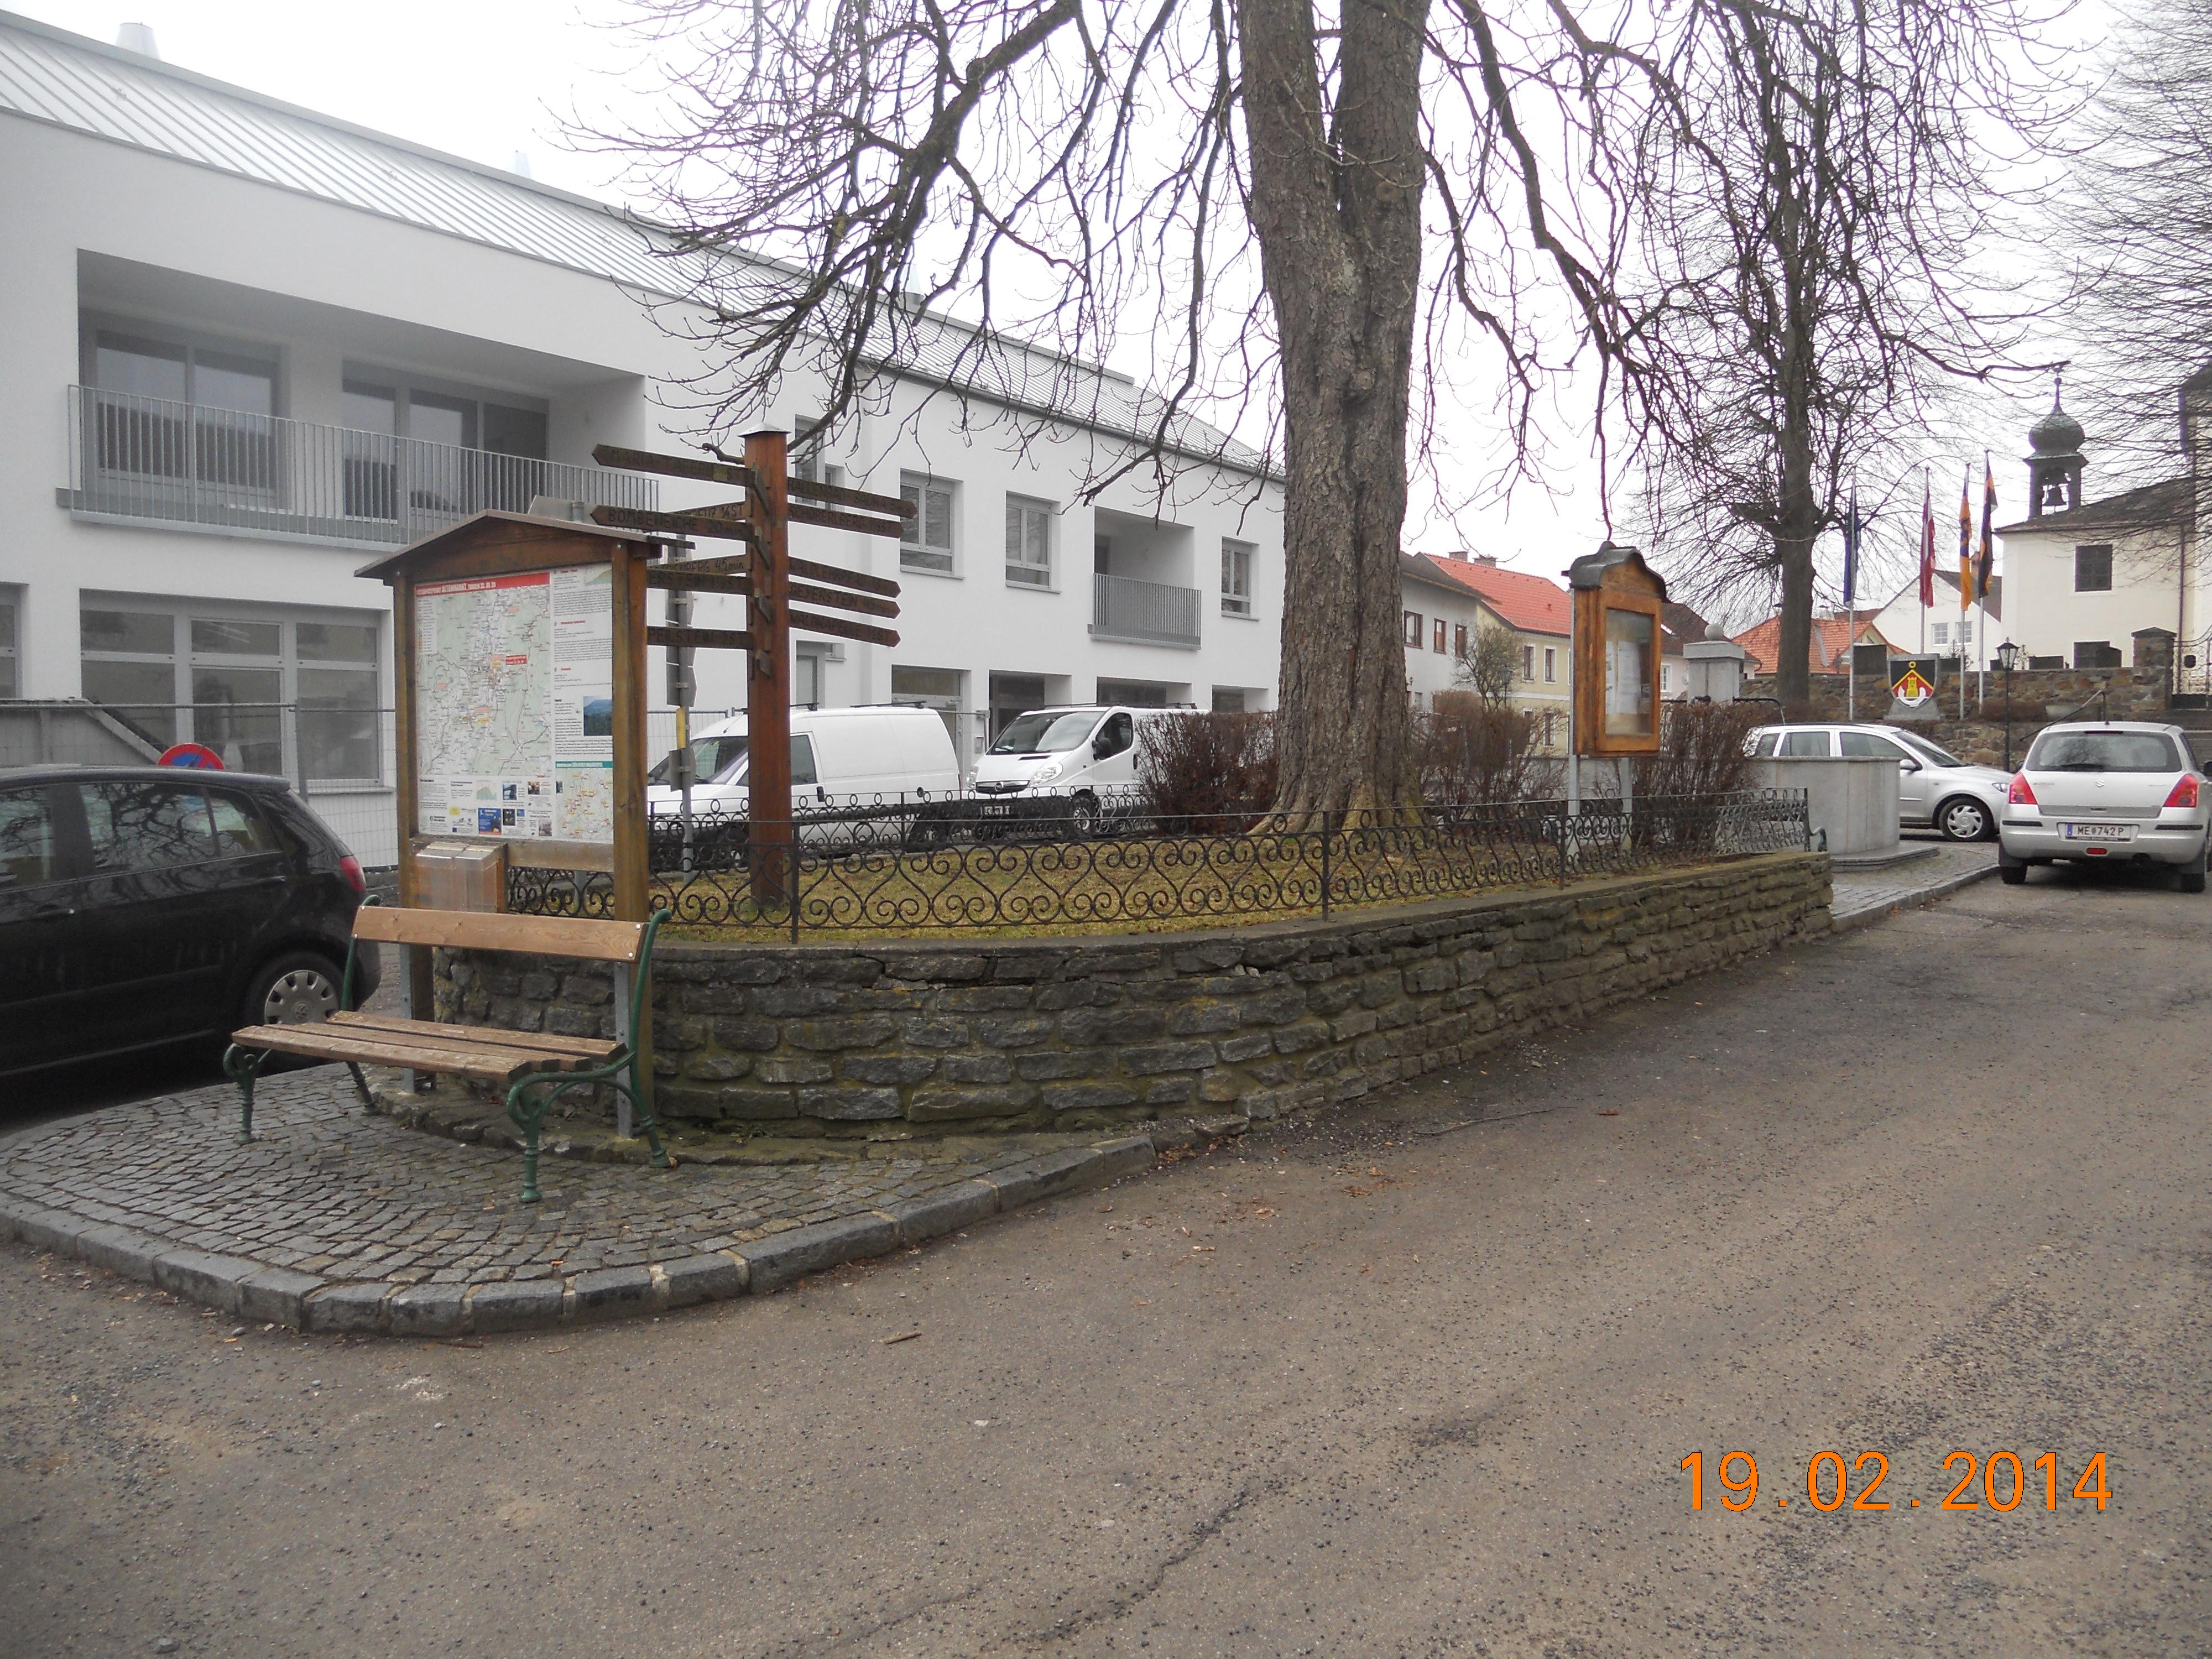 Neugestaltung Ortsraum Altenmarkt - MG Yspertal